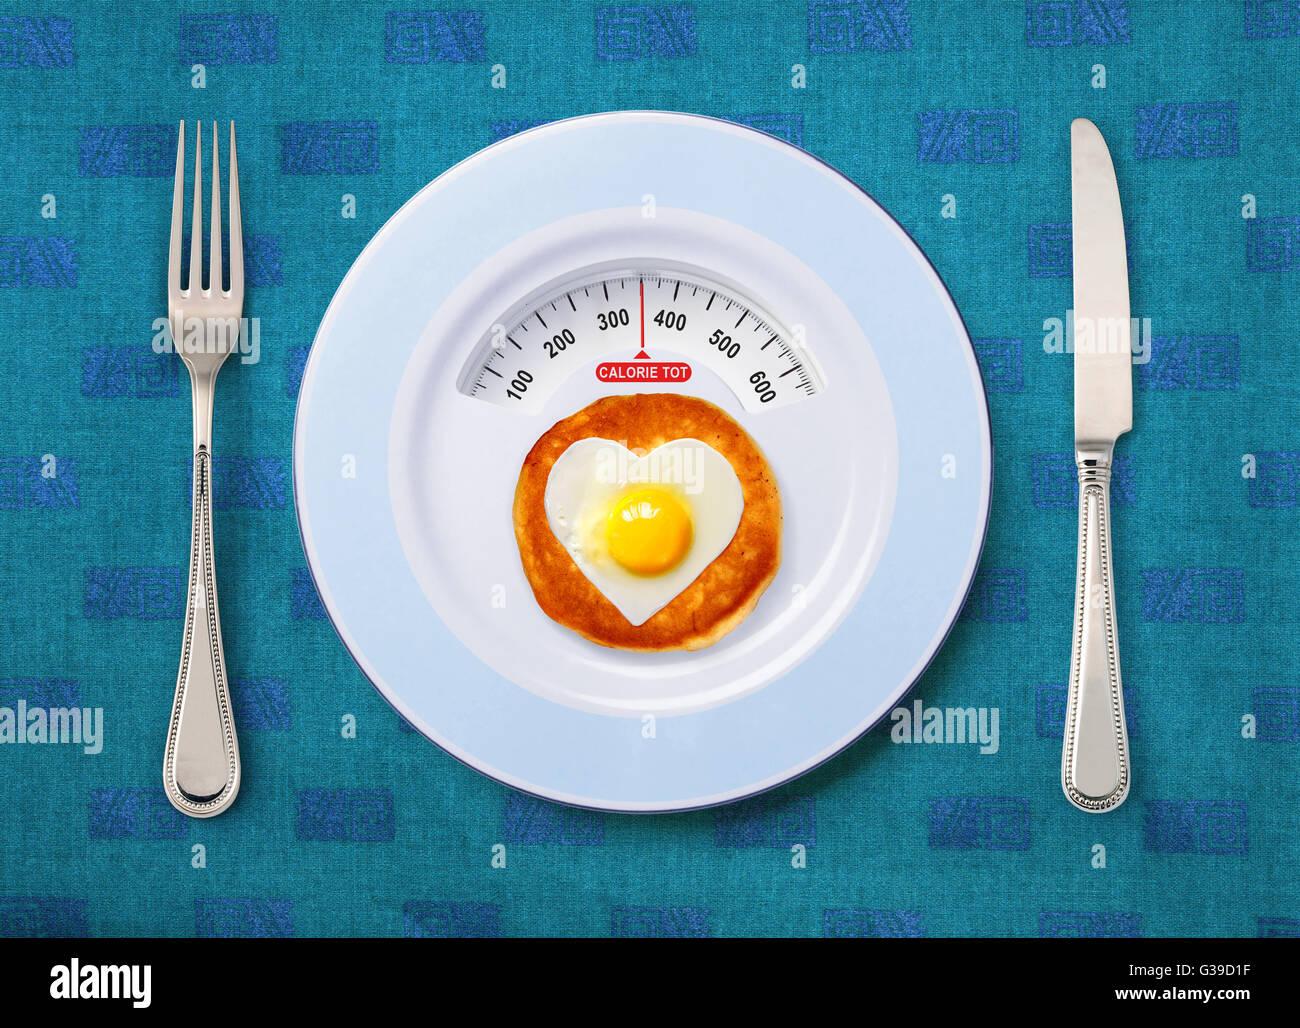 Vista di calorie tot in uovo fritto che sulla piastra bianca Immagini Stock